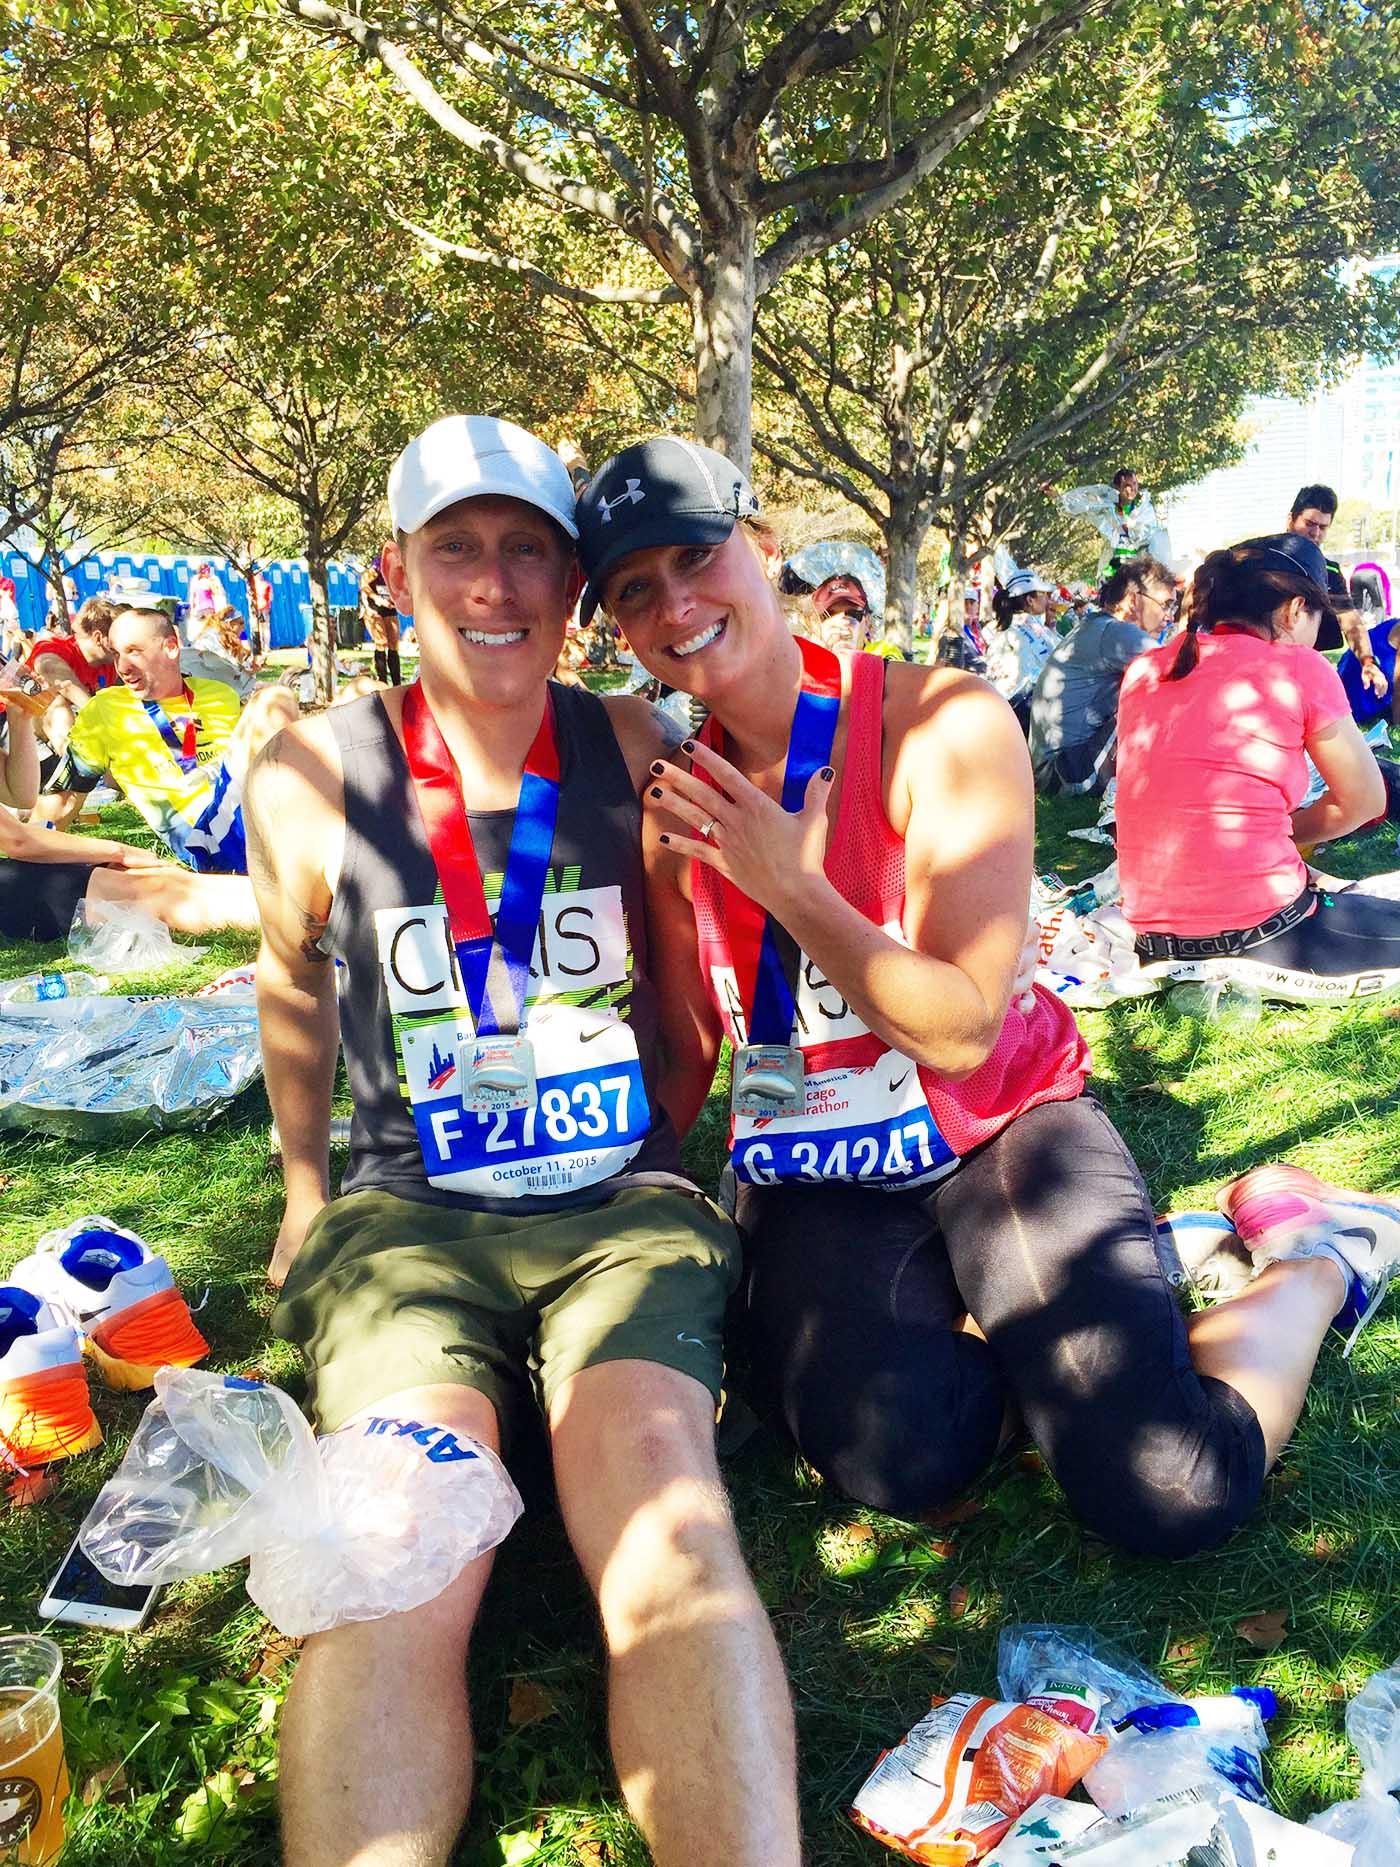 asweatlife_couple-celebrates-2015-chicago-marathon-engagement-at-2016_2015-engagement